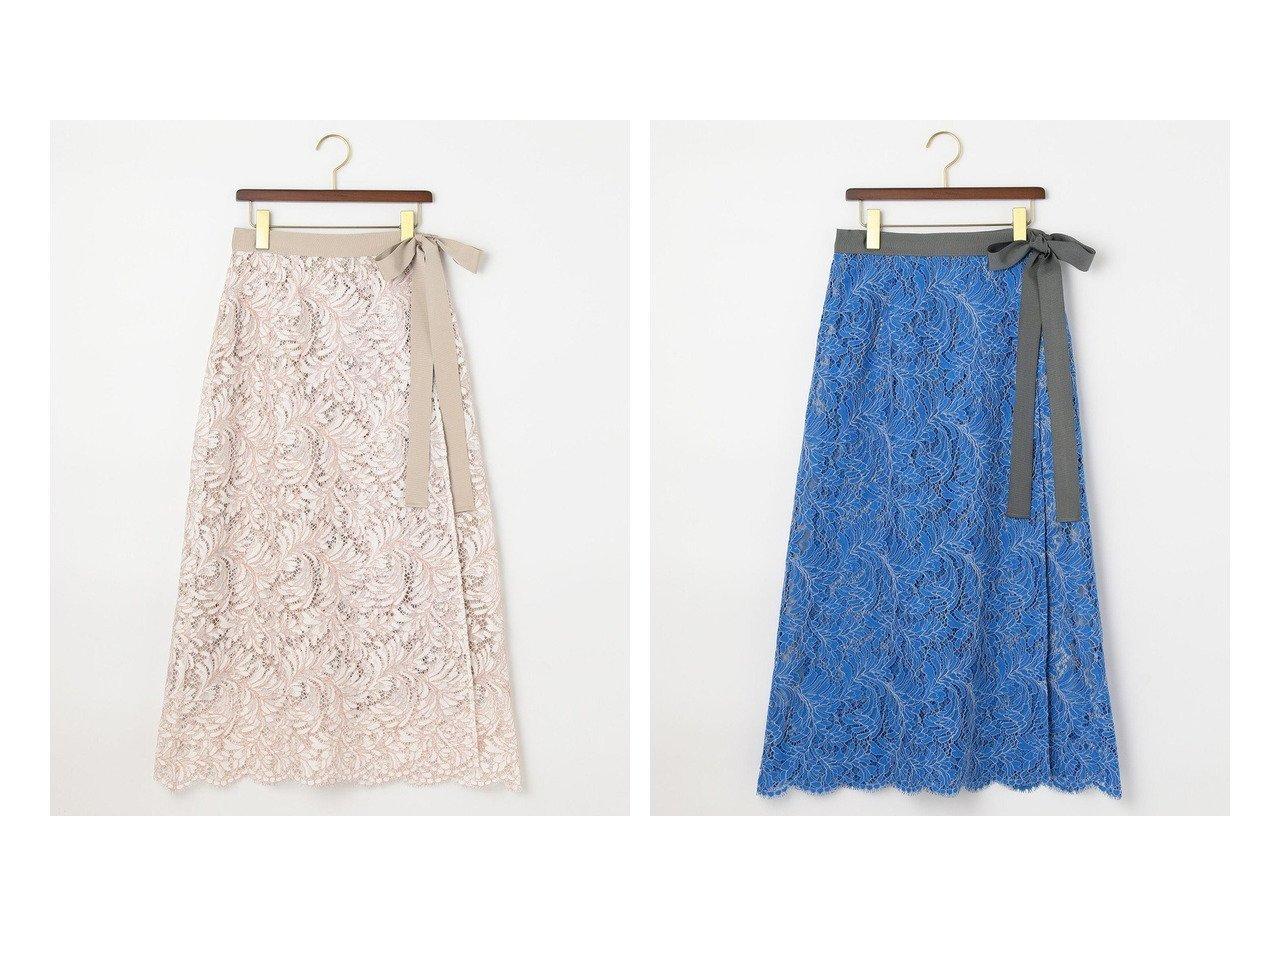 【JIYU-KU/自由区】の【Class Lounge】ソフィアレット レース ラップ スカート 【スカート】おすすめ!人気、トレンド・レディースファッションの通販 おすすめで人気の流行・トレンド、ファッションの通販商品 インテリア・家具・メンズファッション・キッズファッション・レディースファッション・服の通販 founy(ファニー) https://founy.com/ ファッション Fashion レディースファッション WOMEN スカート Skirt エレガント コレクション フォルム フランス ペチコート モダン モチーフ ラップ リボン リーフ レース 2021年 2021 S/S・春夏 SS・Spring/Summer 2021春夏・S/S SS/Spring/Summer/2021 送料無料 Free Shipping 日本製 Made in Japan |ID:crp329100000044060